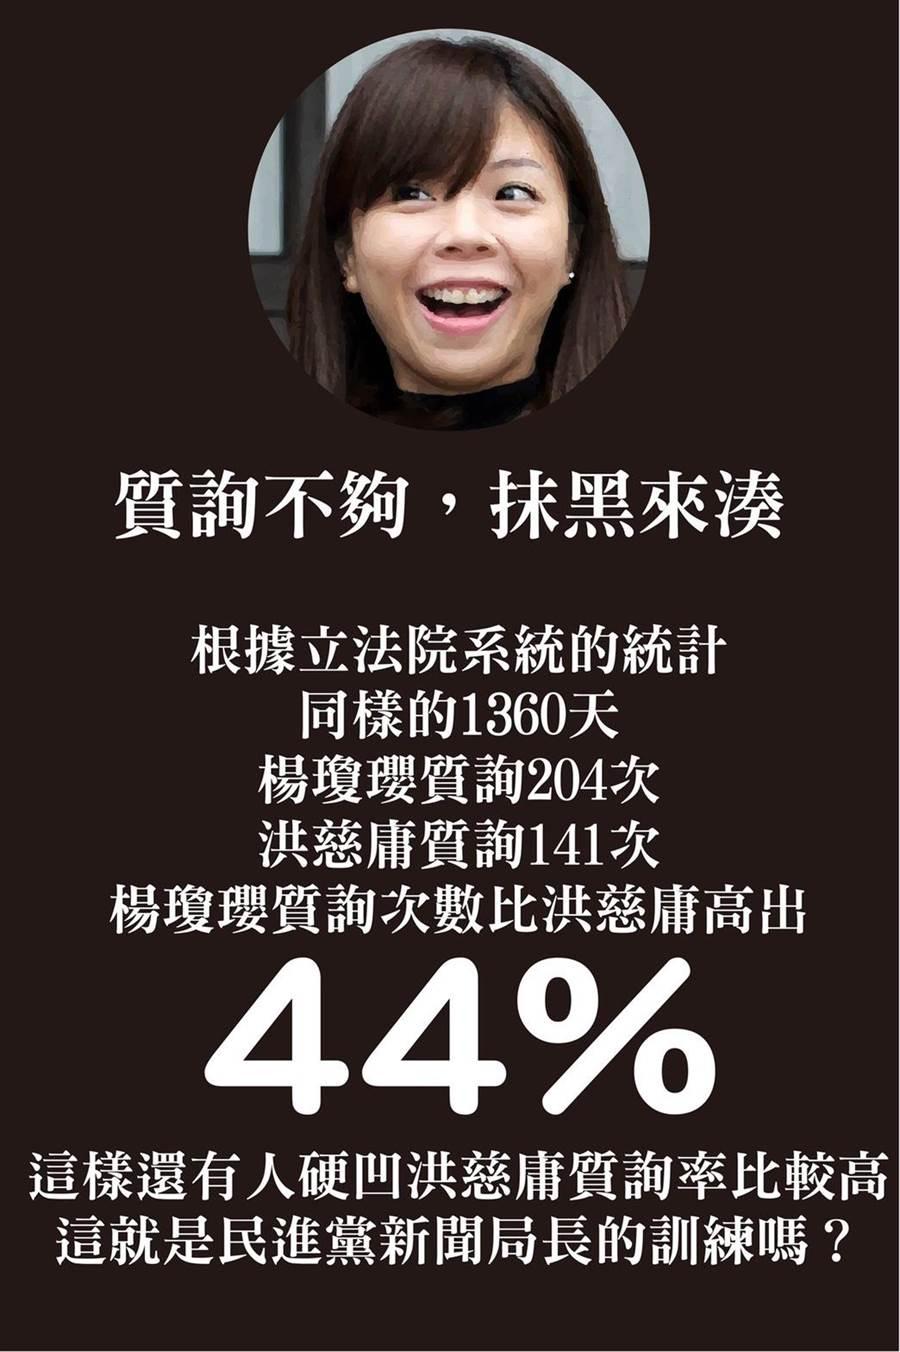 楊瓊瓔陣營以立法院官方數據回擊對手「以質詢率硬凹」。(楊瓊瓔競選總部提供)